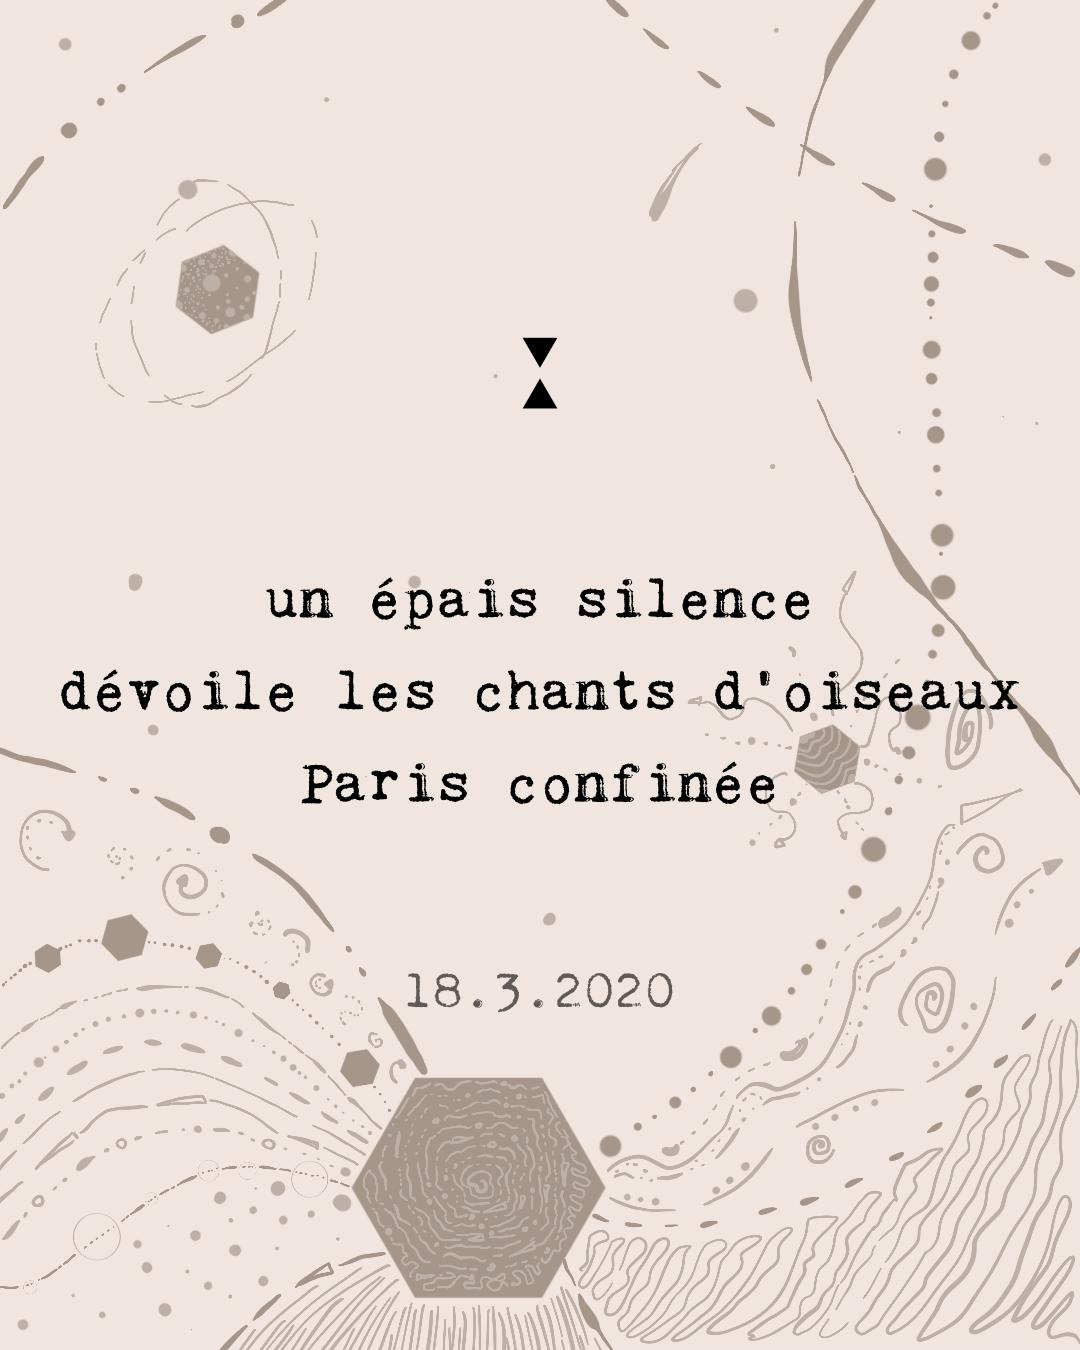 Paris confinée